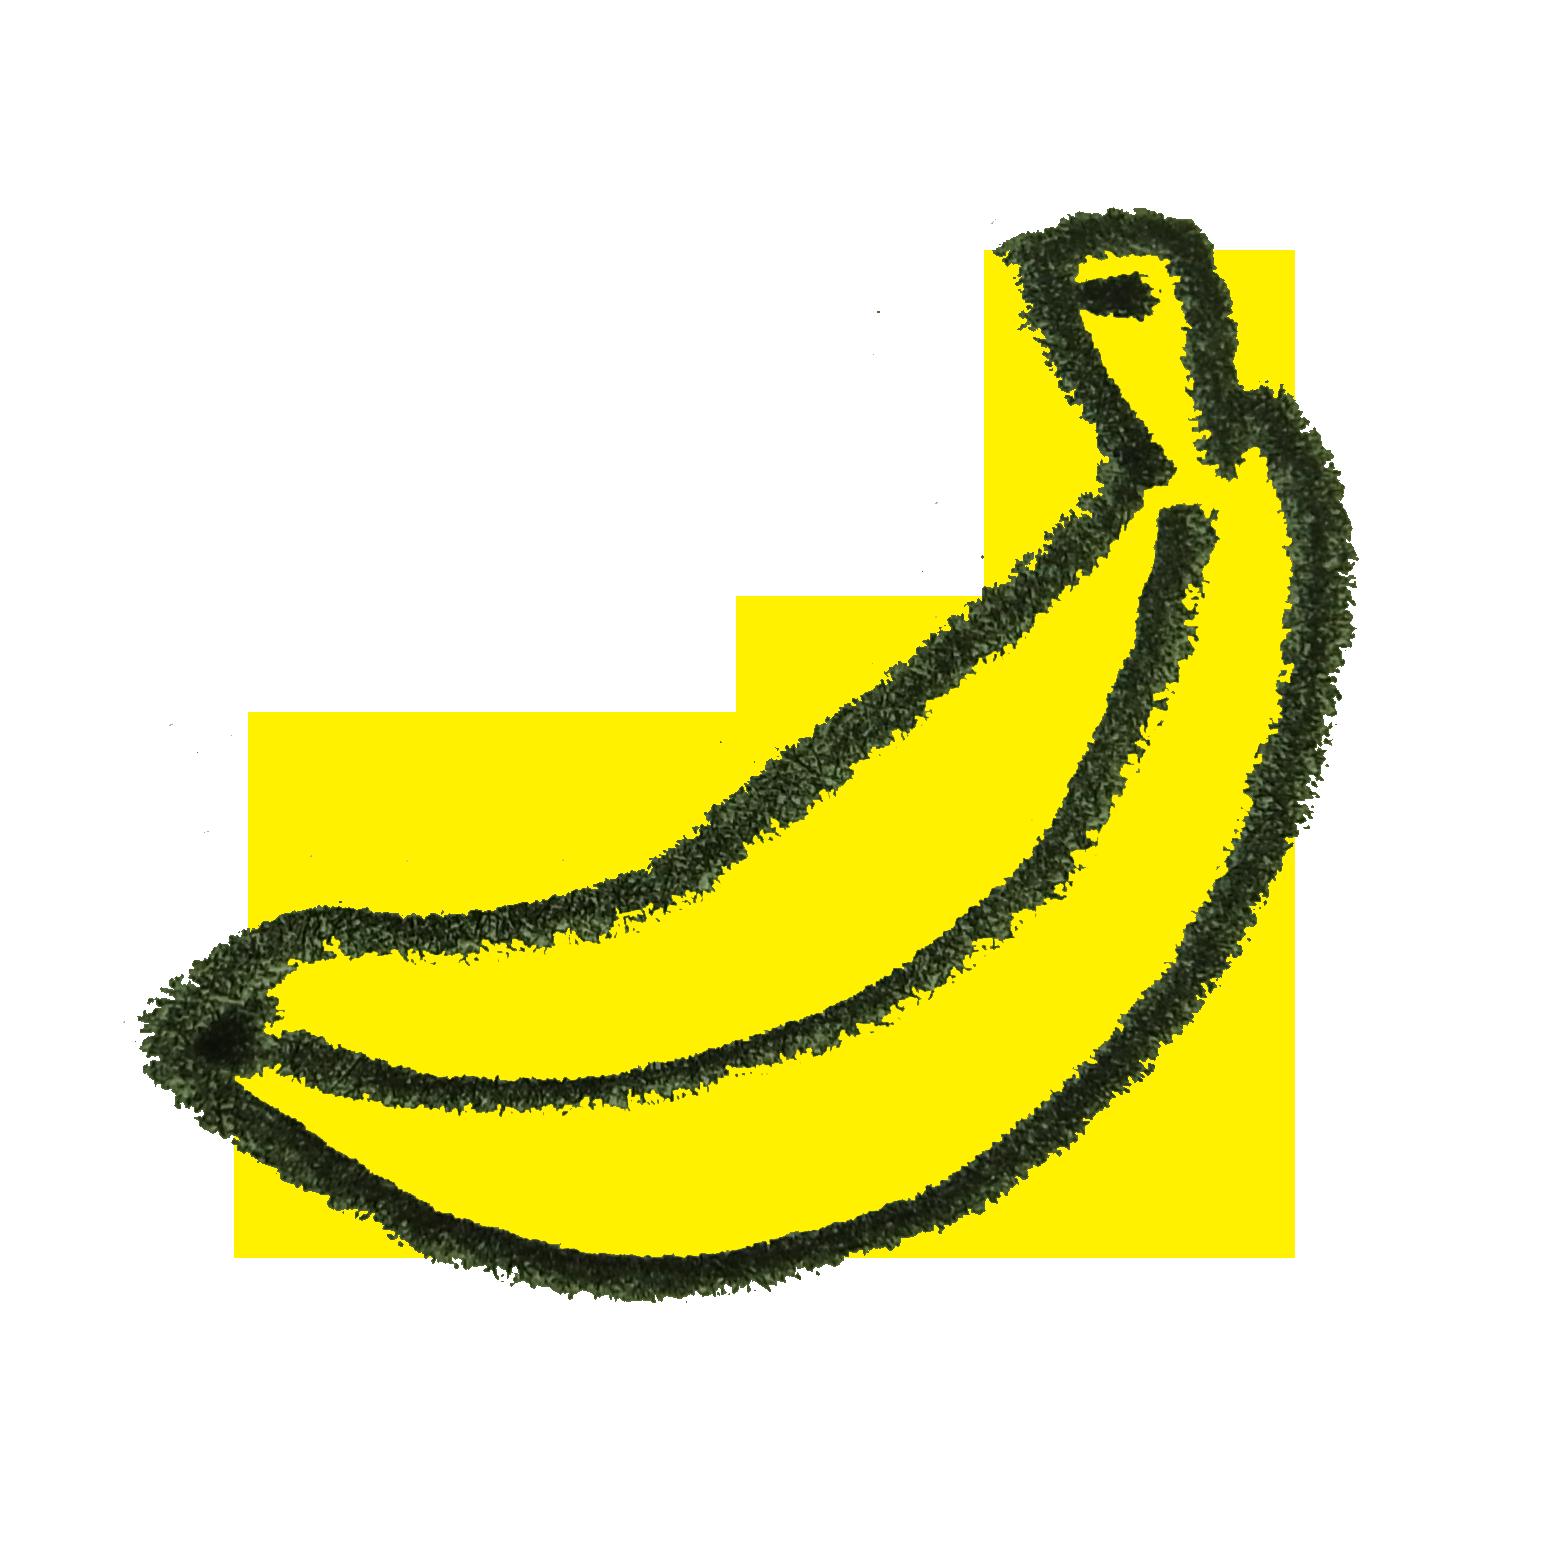 banana2.png